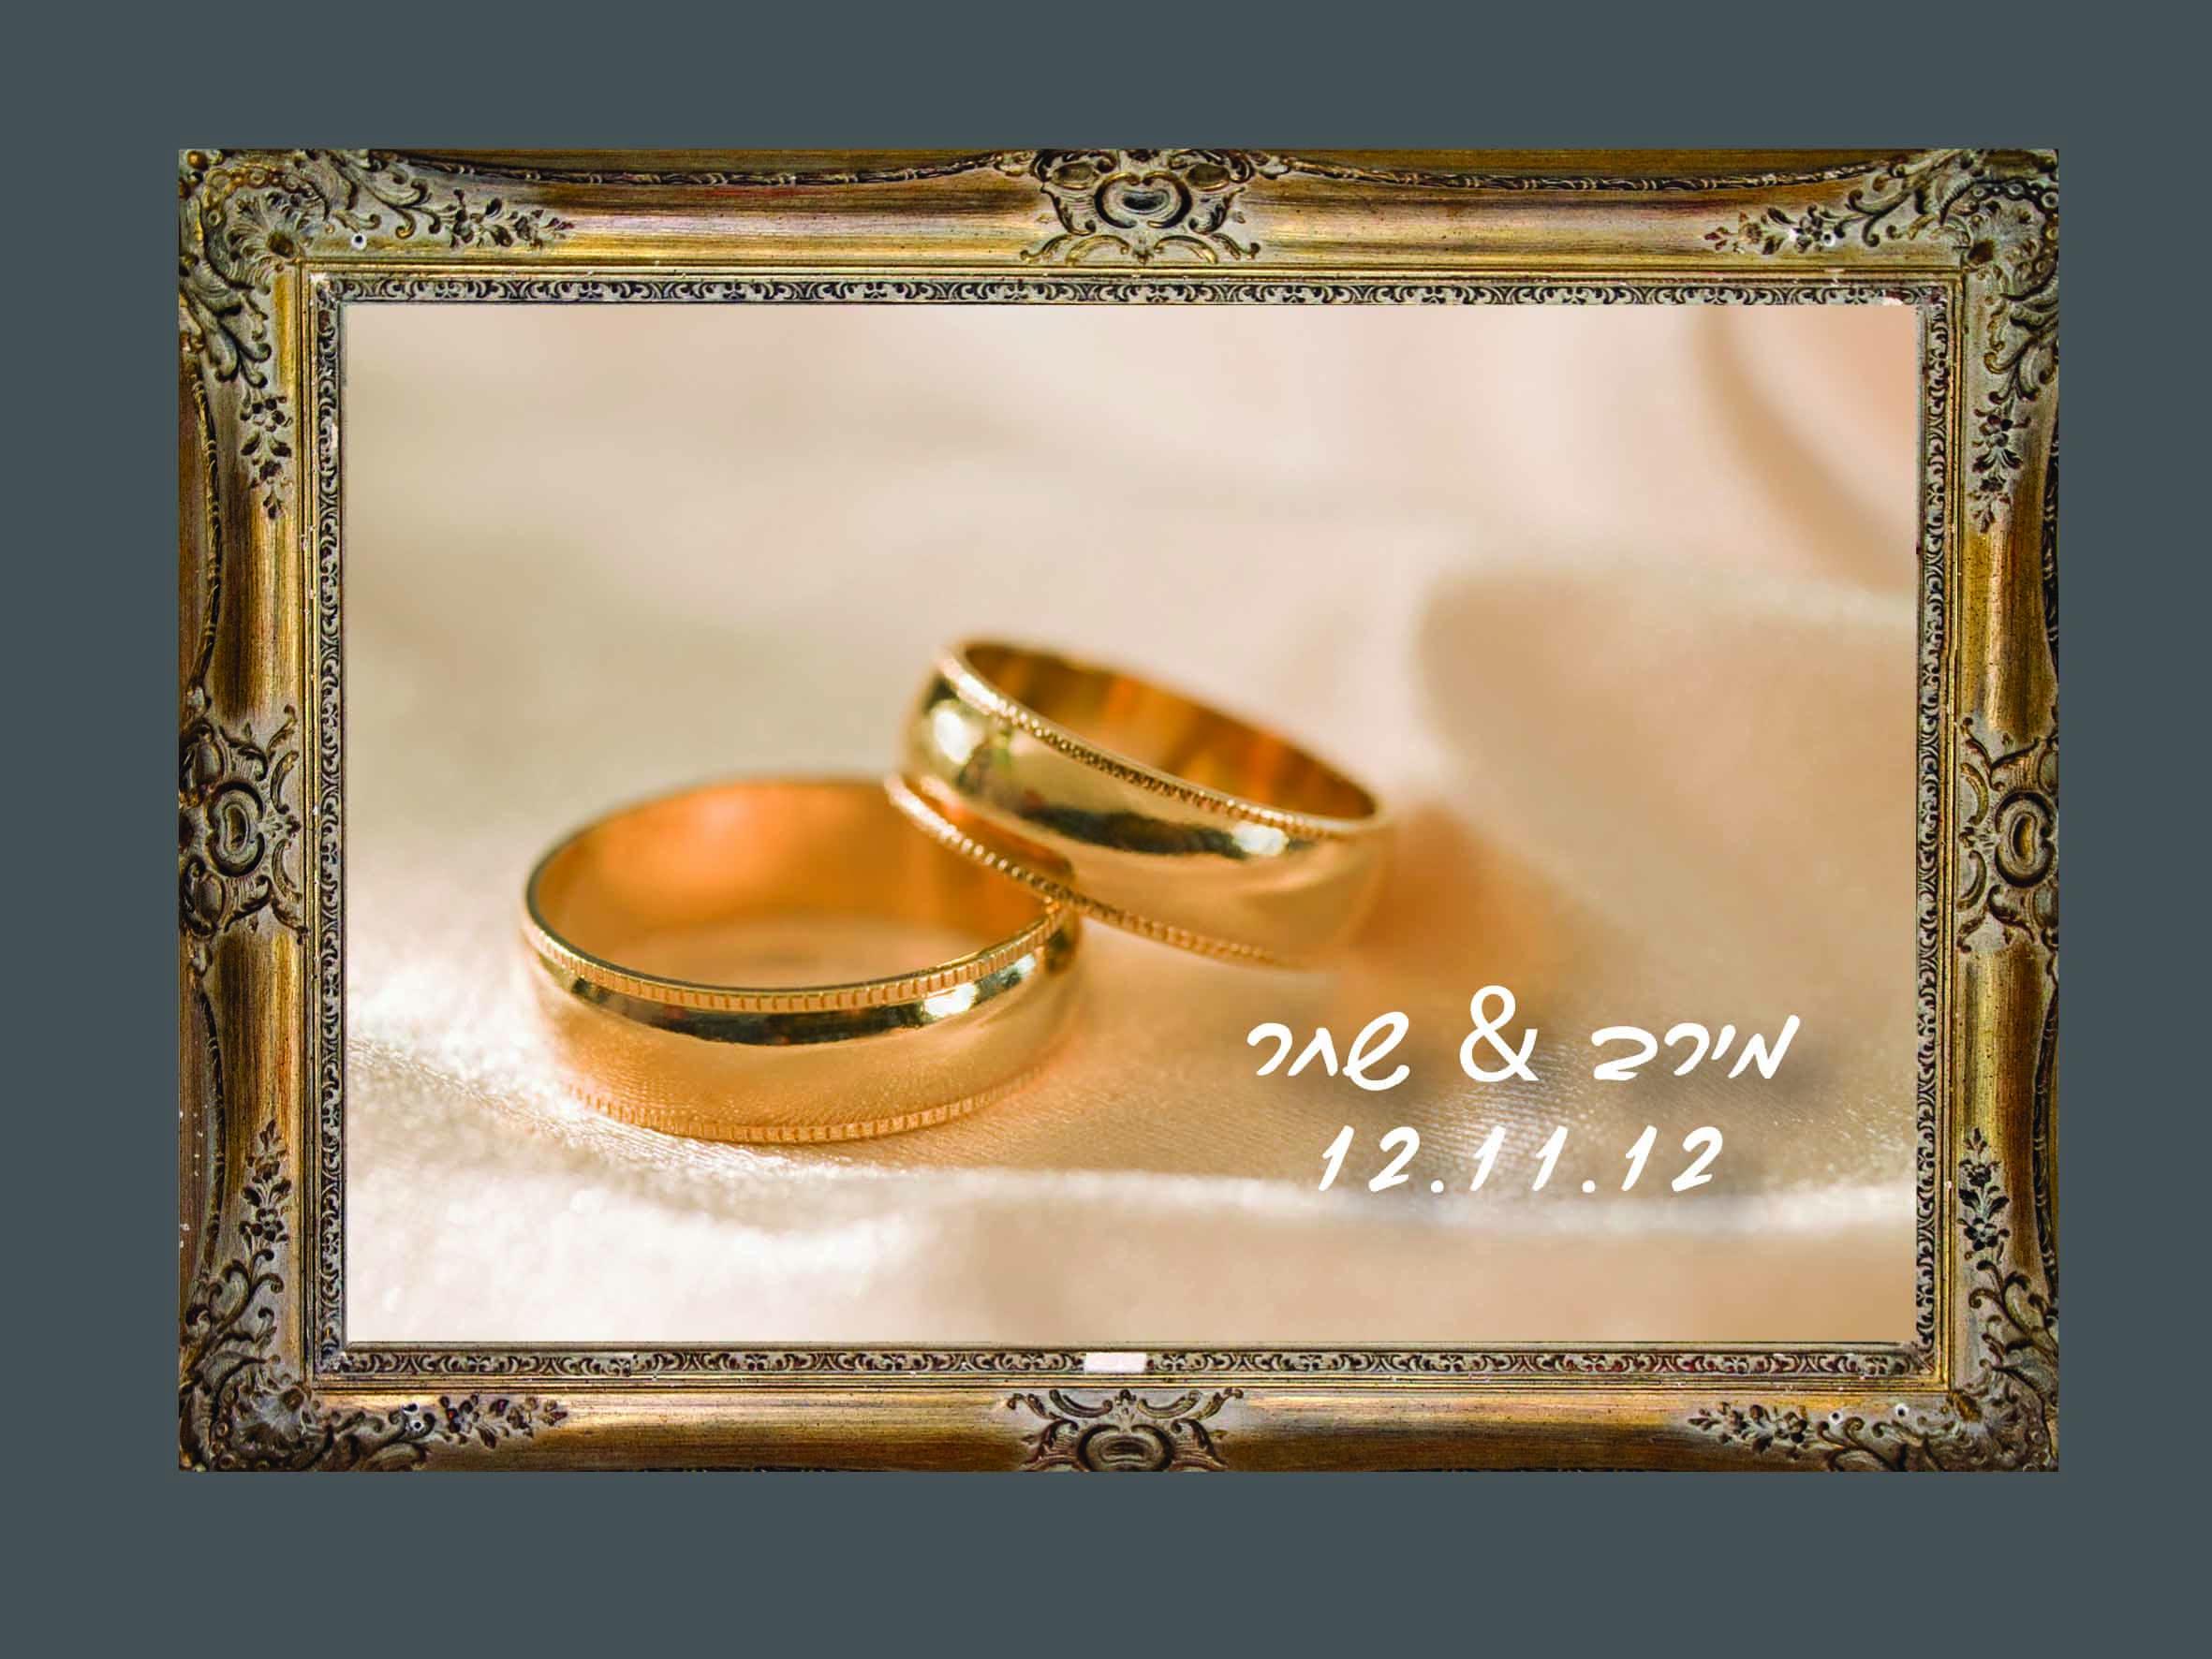 הזמנה לחתונה מירב ושחר